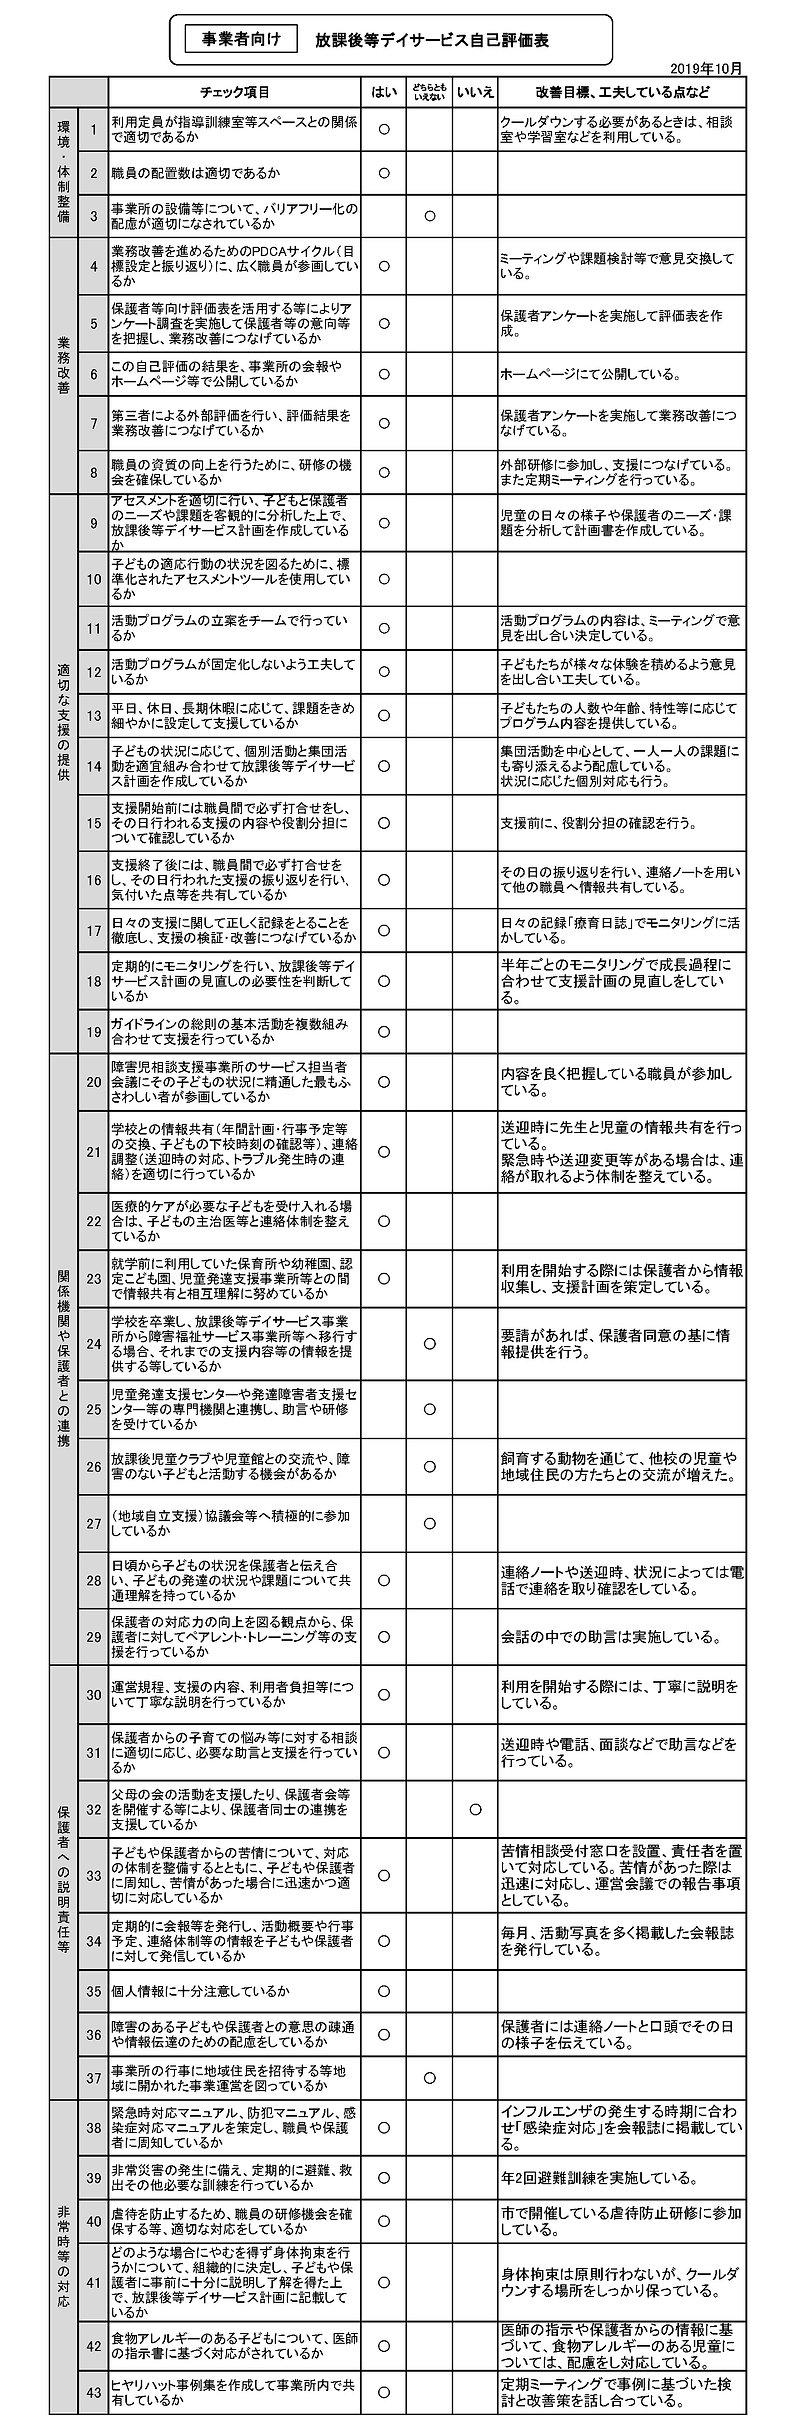 2019評価_事業者.jpg